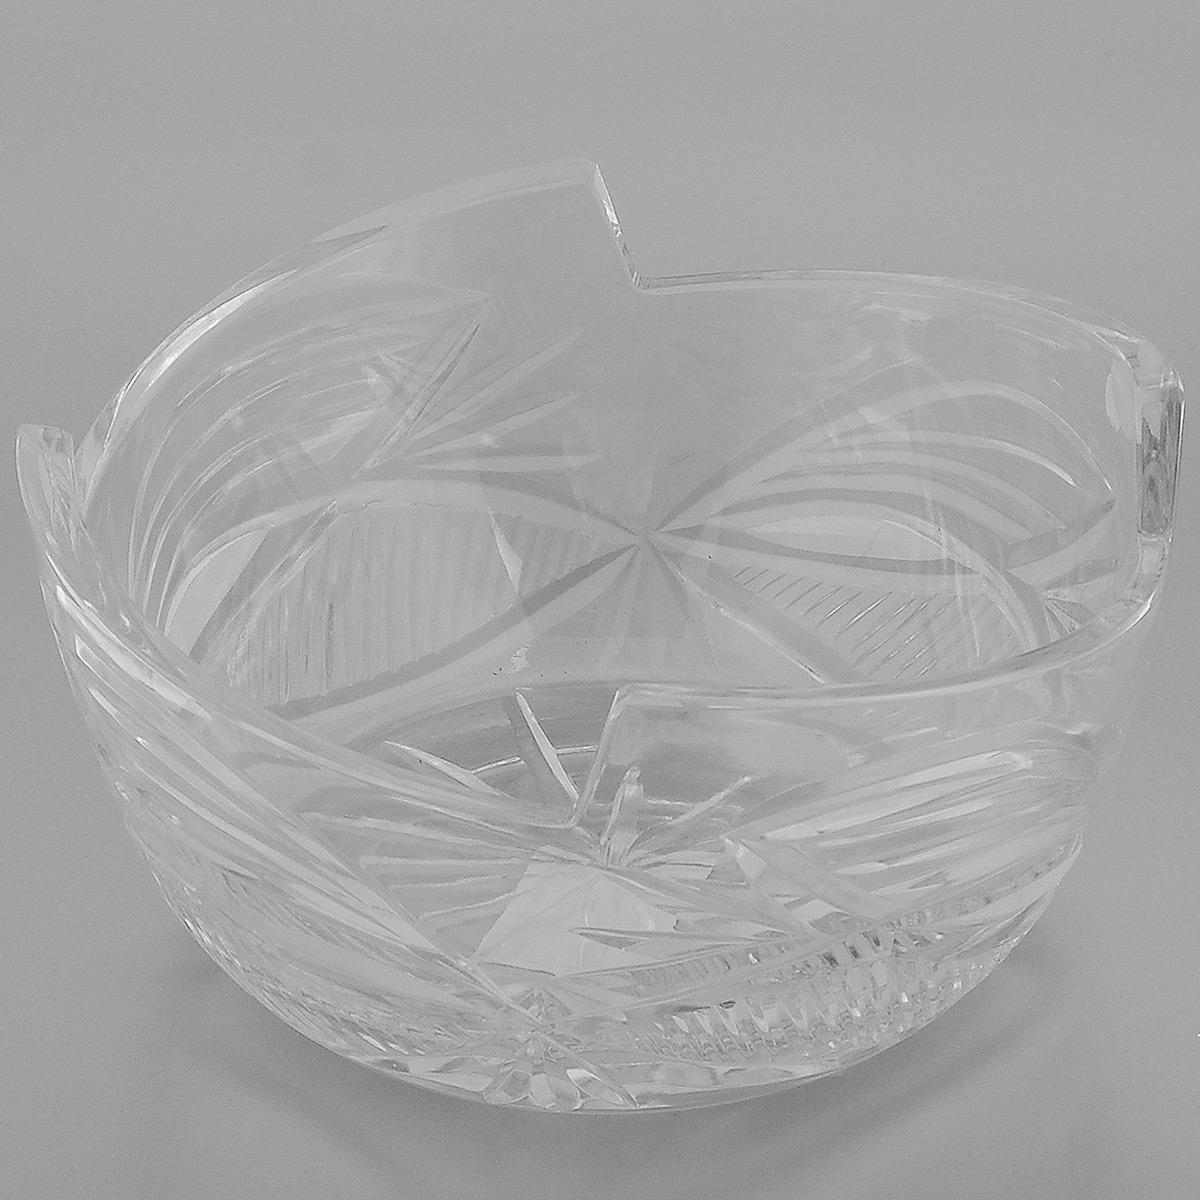 Салатник Neman, диаметр 18,8 см10026(900/201)-2Салатник Neman выполненный из прочного высококачественного свинцового хрусталя, имеет круглую форму с заостренными краями и декорирован красивым рельефным узором. Изделие излучает приятный блеск и издает мелодичный звон. Салатник сочетает в себе изысканный дизайн с максимальной функциональностью. Он прекрасно впишется в интерьер вашей кухни и станет достойным дополнением к кухонному инвентарю. Салатник не только украсит ваш кухонный стол и подчеркнет прекрасный вкус хозяйки, но и станет отличным подарком. Нельзя мыть в посудомоечной машине и использовать в микроволновой печи. Диаметр (по верхнему краю): 18,8 см. Диаметр основания: 12 см. Высота салатника: 9,5 см.